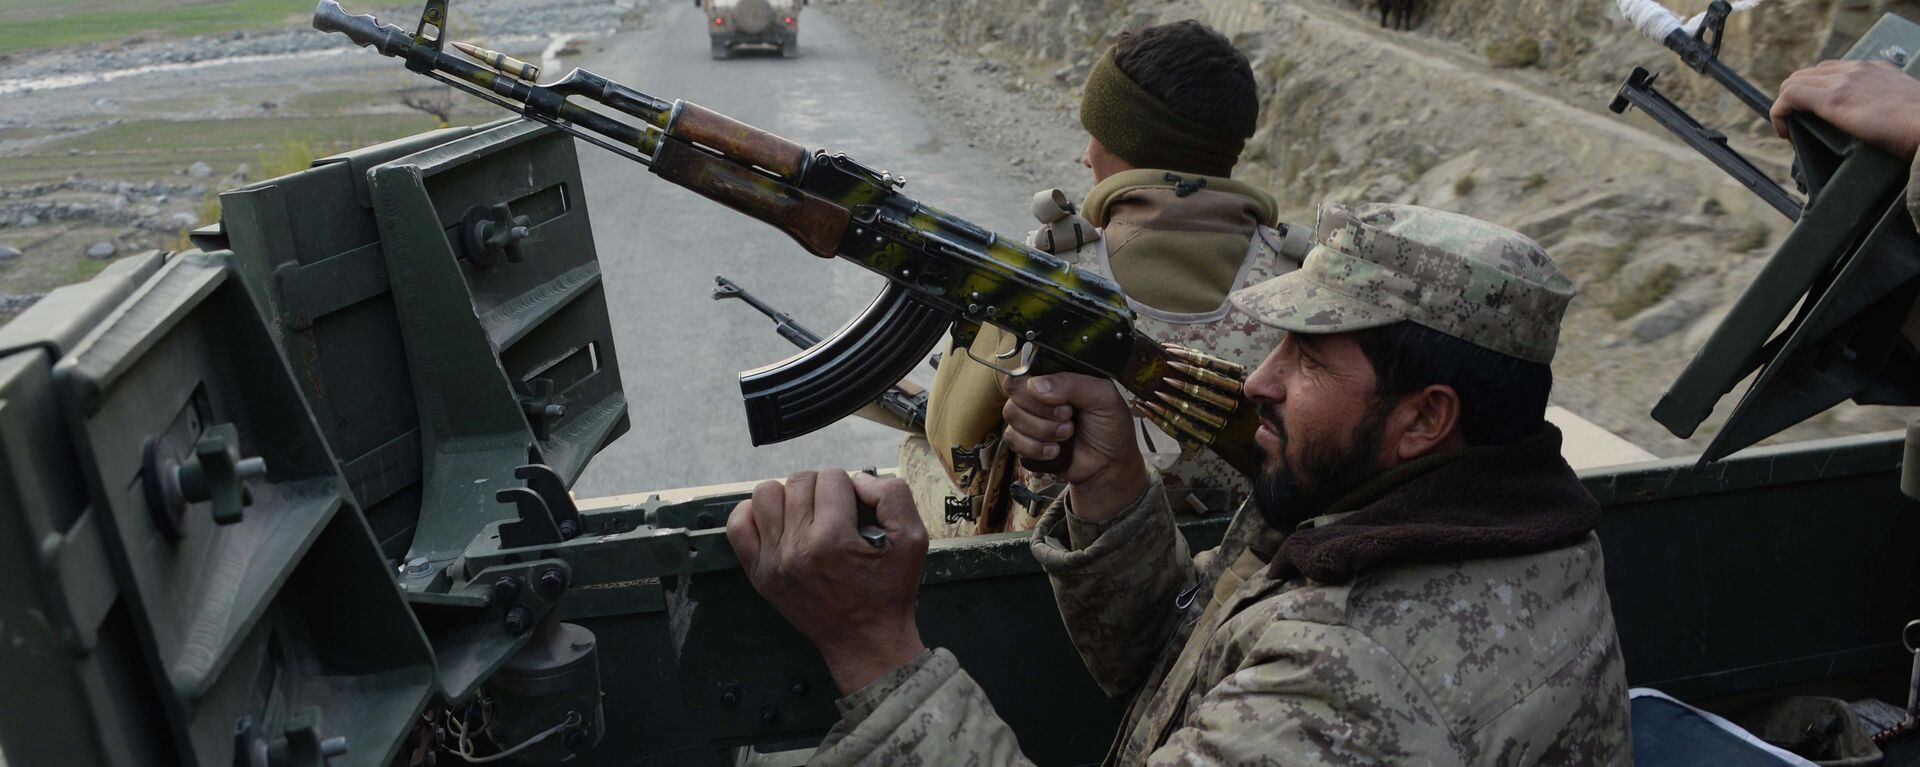 Fuerzas gubernamentales afganas durante una operación militar contra los talibanes - Sputnik Mundo, 1920, 27.09.2021